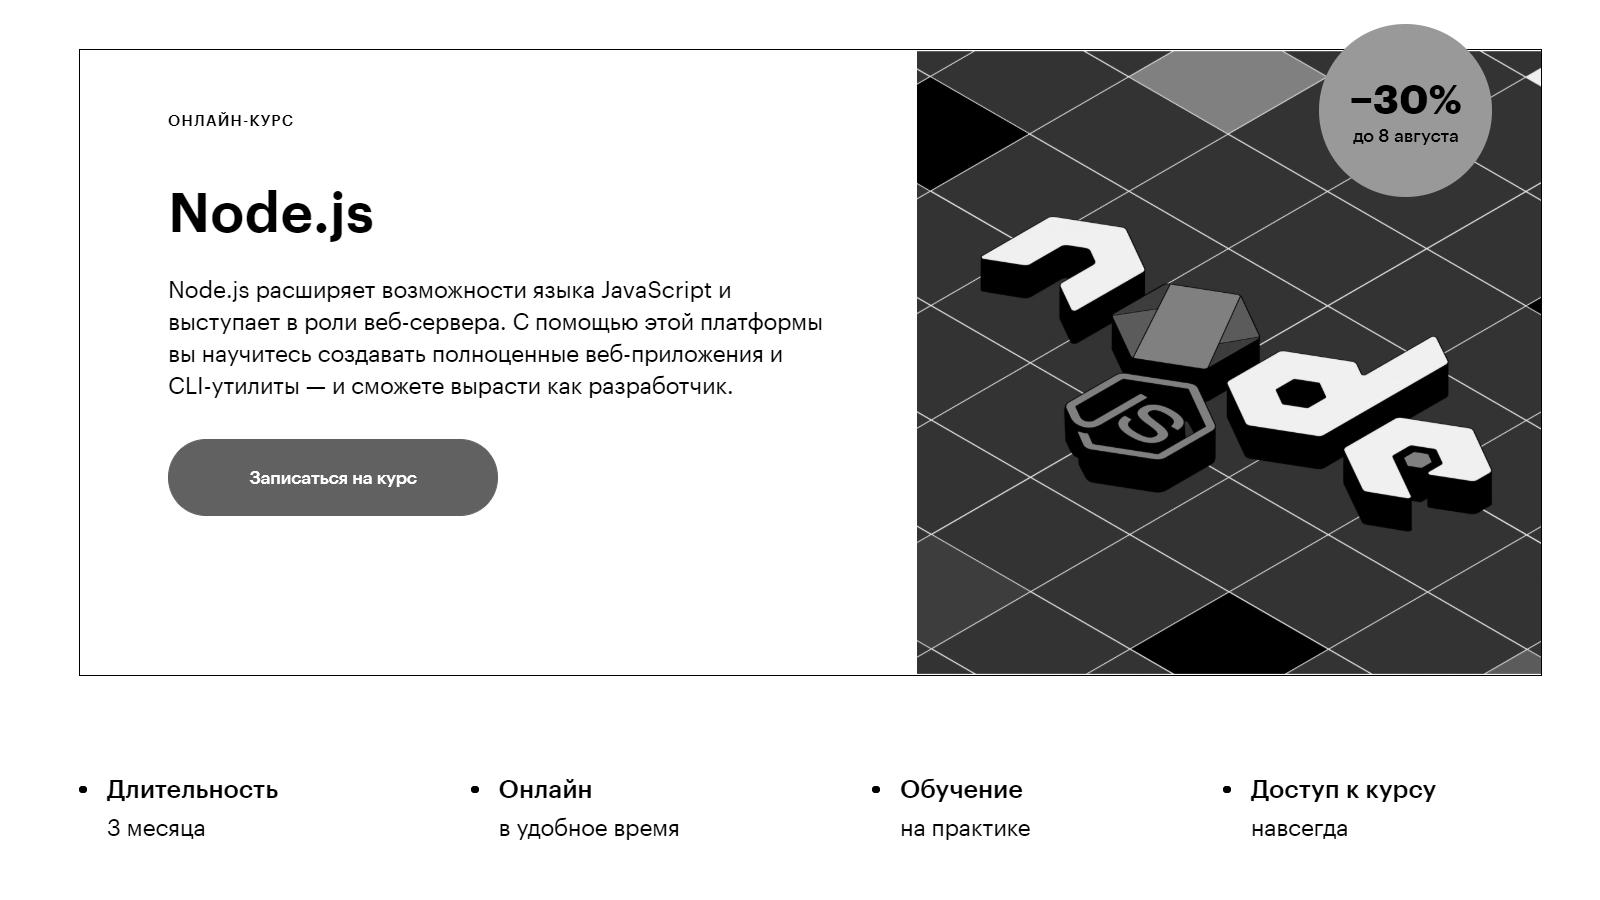 Онлайн-курс по Node.js от Skillbox